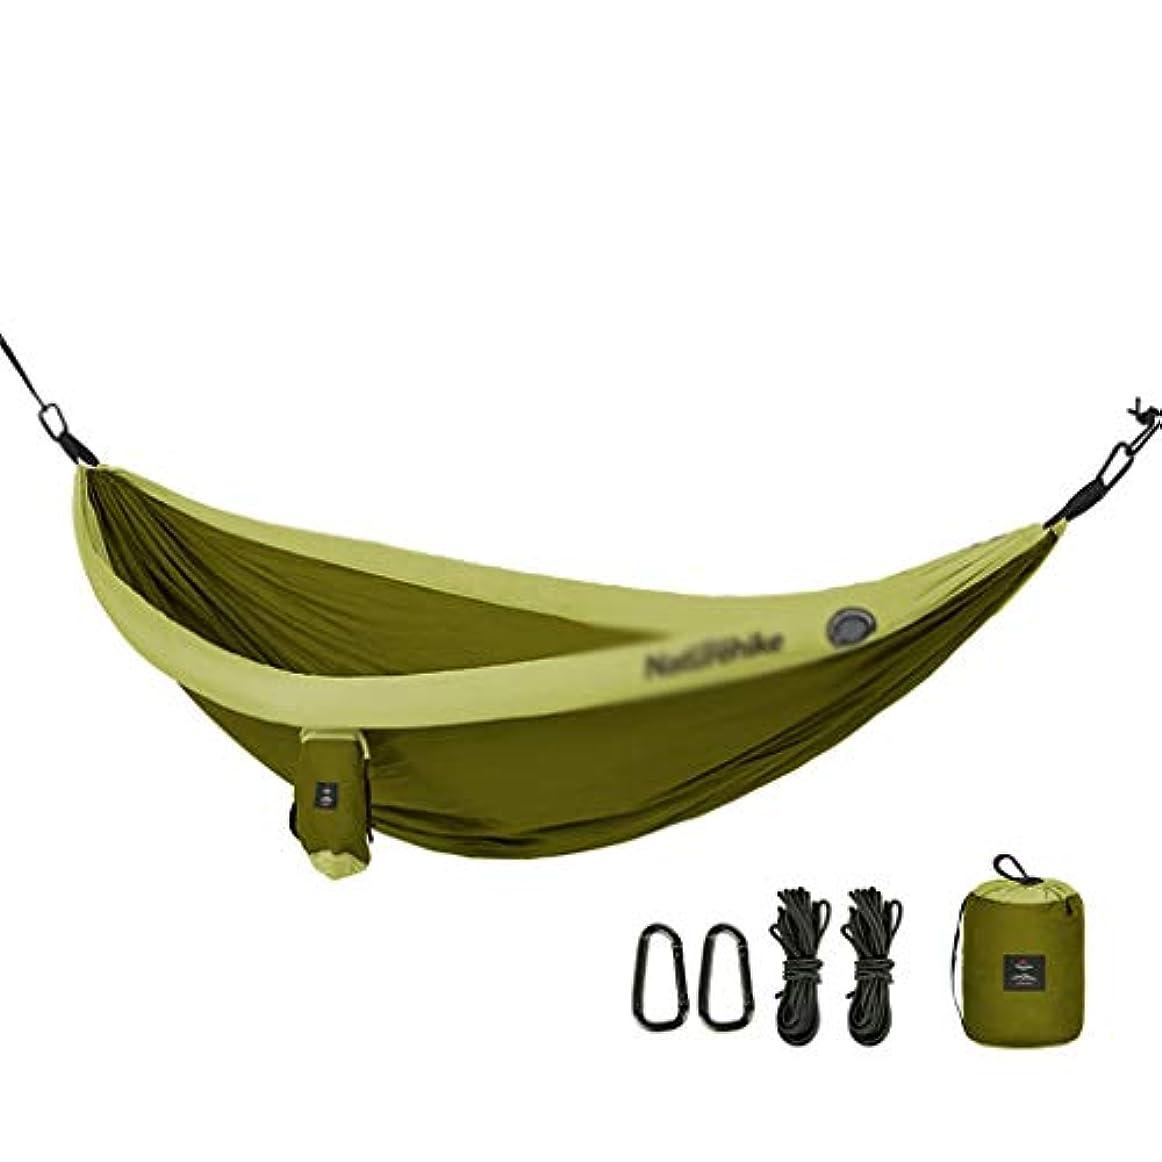 スリップシューズ歌邪魔インフレータブルハンモック、屋外屋内大人睡眠スイング超軽量シングルダブルキャンプレジャーハンモック旅行ポータブルハンモック240×173センチ (色 : Green)